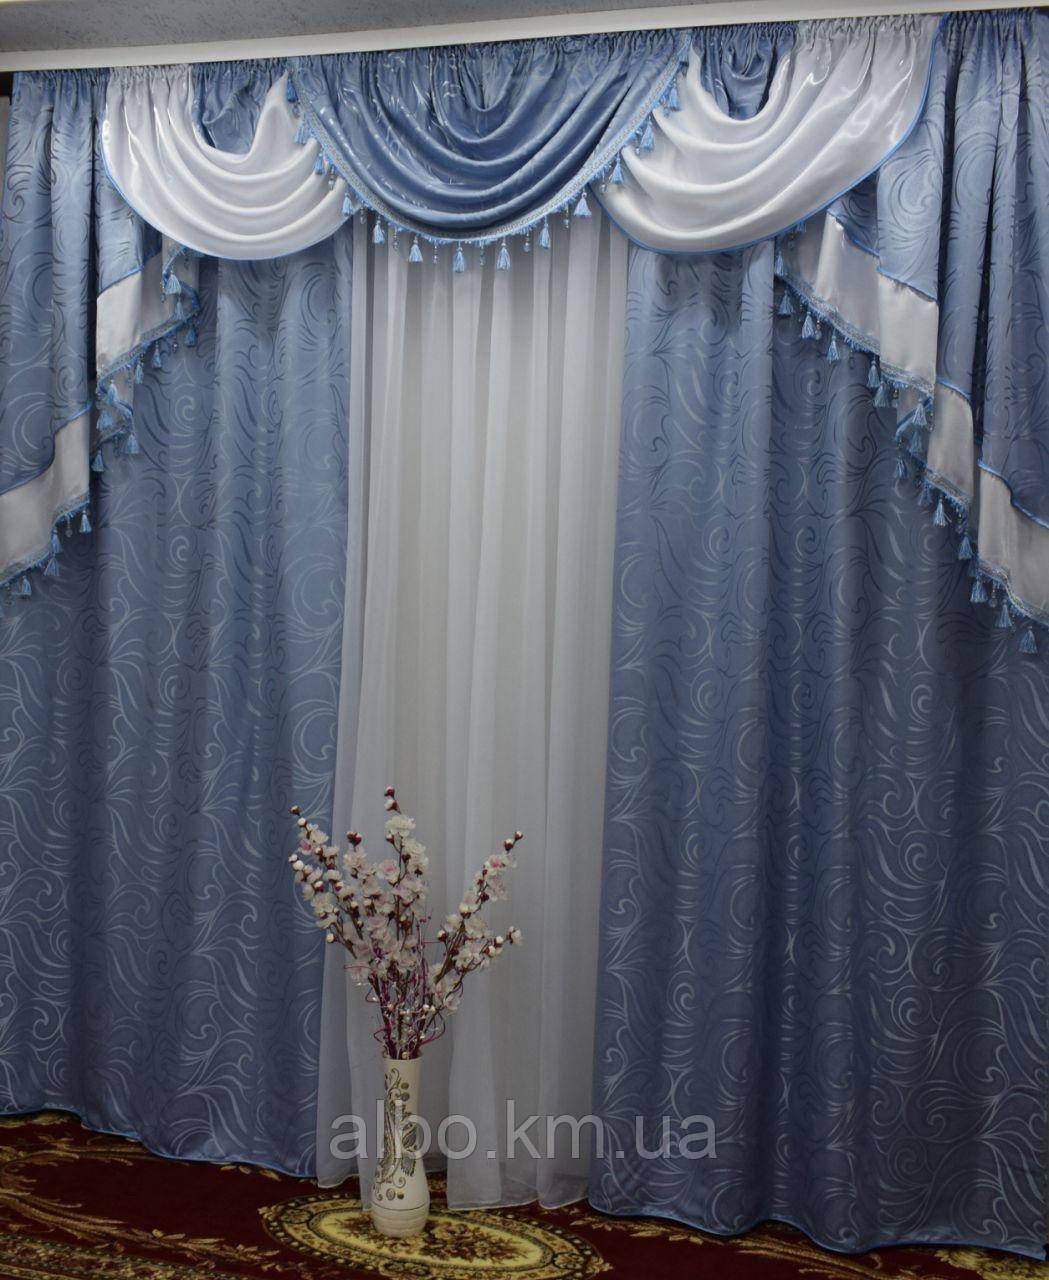 Готовые шторы в спальню 150х270cm (2 шт) из жаккарда с ламбрекеном ALBO Серый (LS330-10)